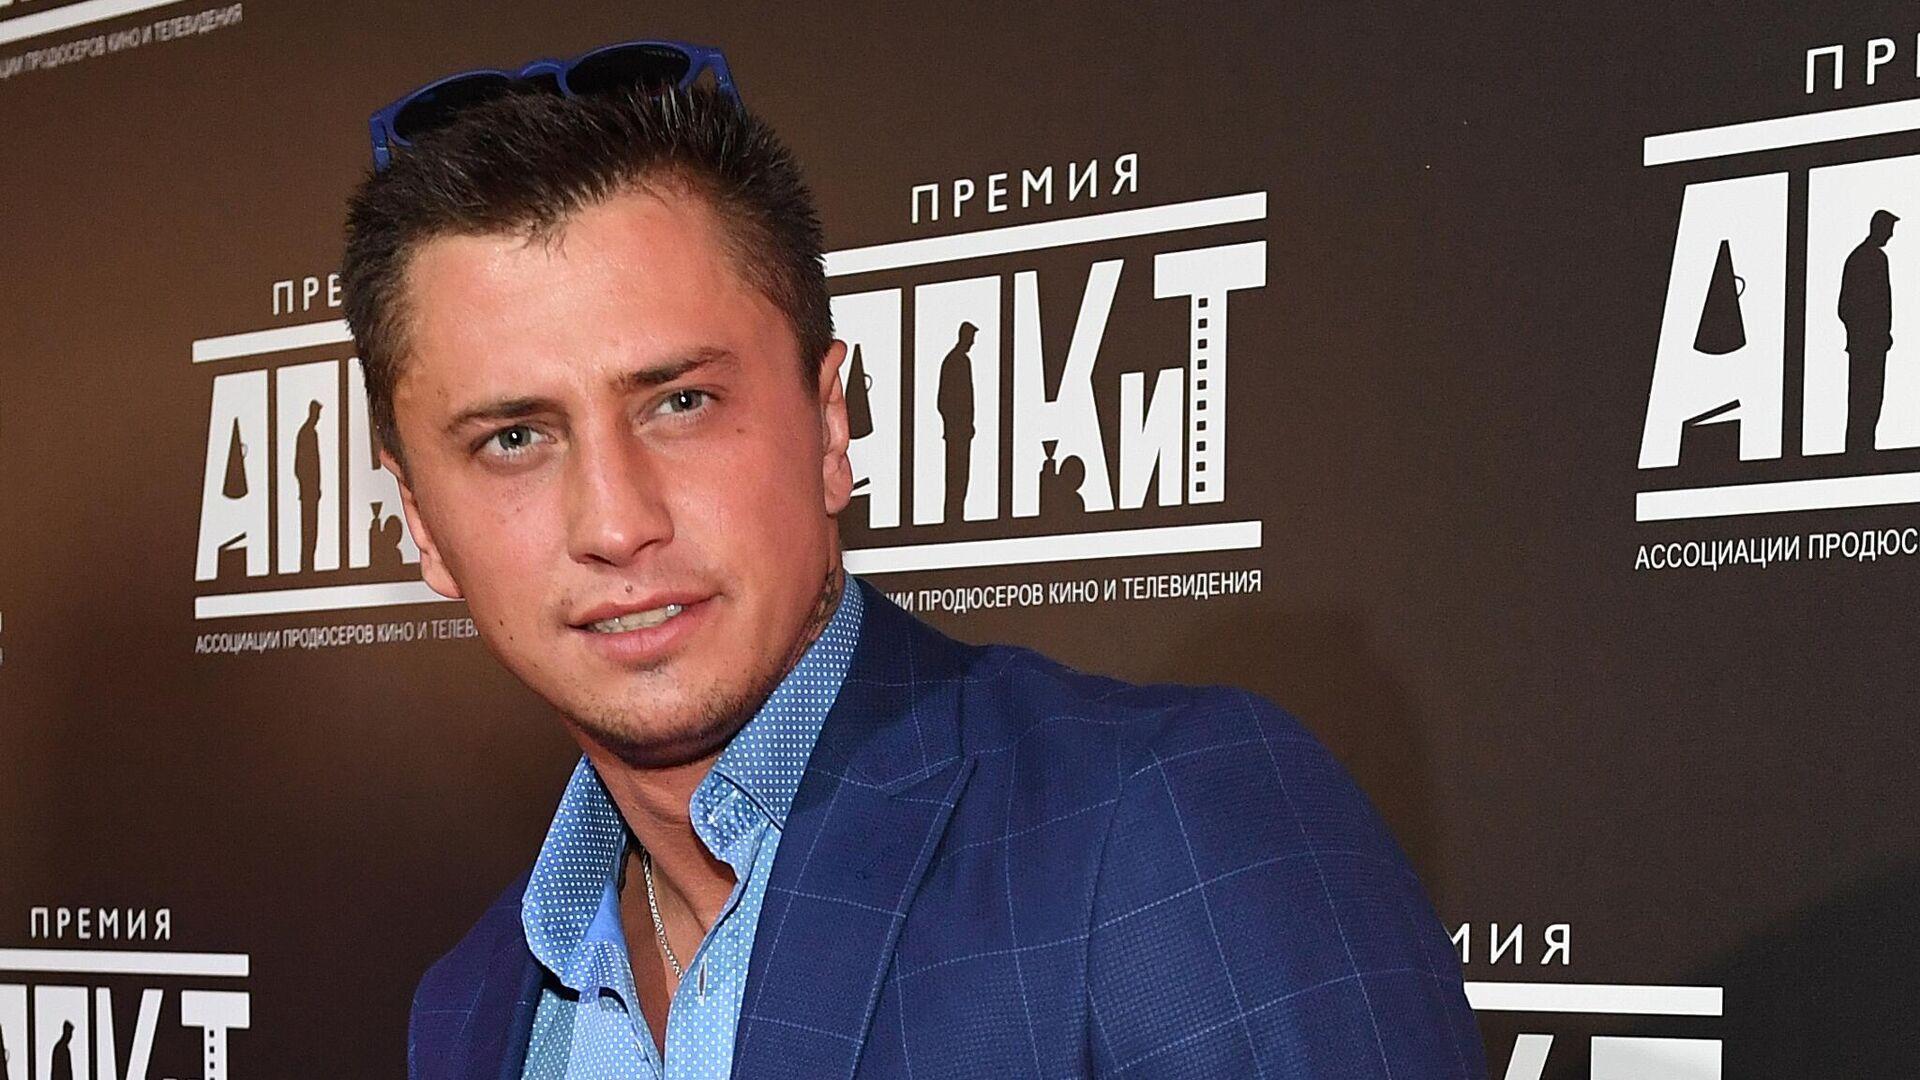 Прилучного госпитализировали после избиения - РИА Новости, 23.11.2020